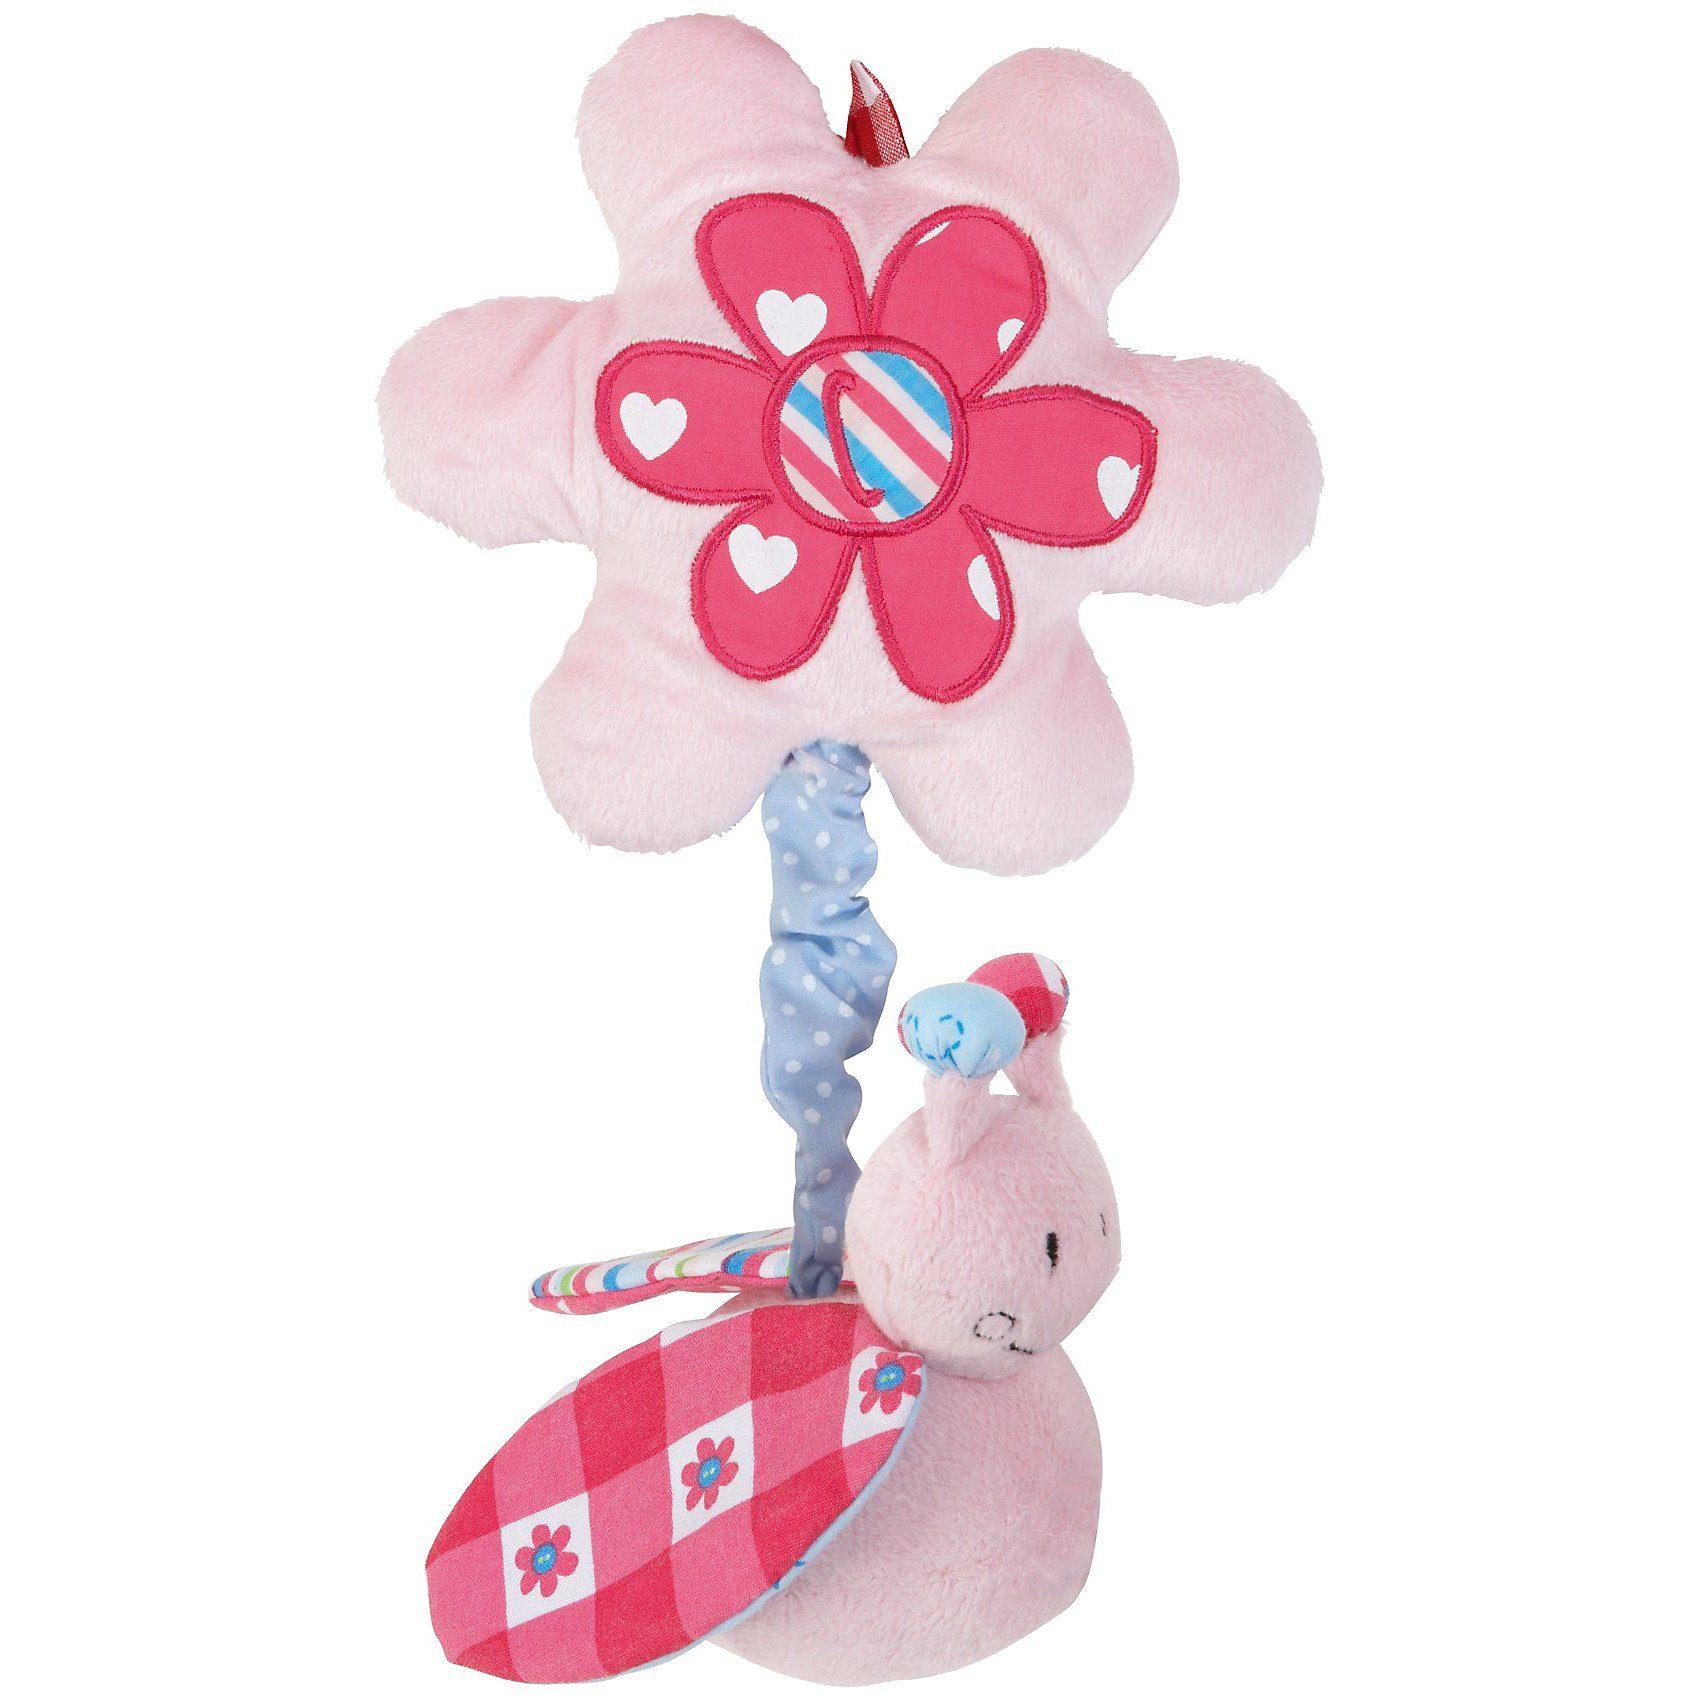 bébé-jou Vibrationsrassel ABC, rosa